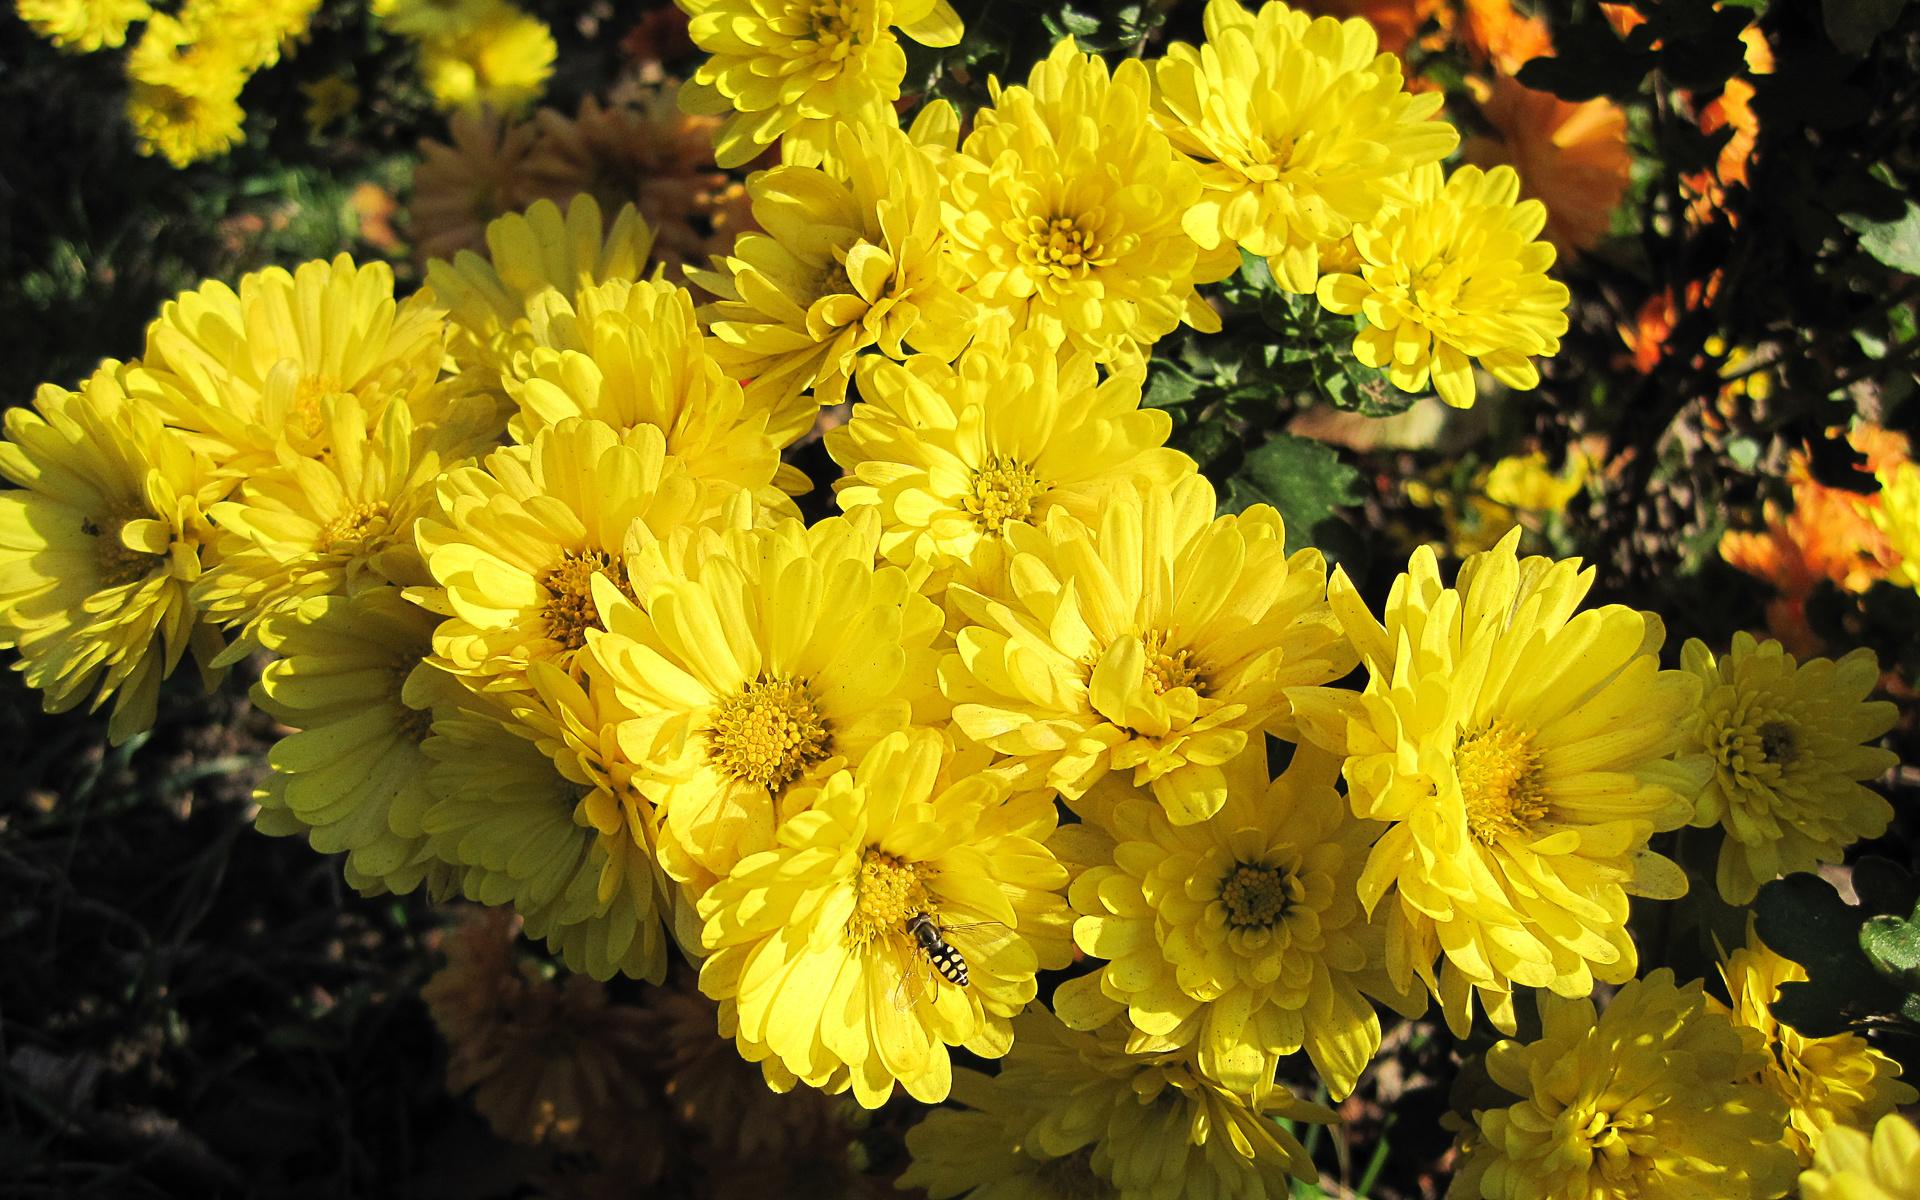 обои для рабочего стола осенние цветы хризантемы № 1155191  скачать